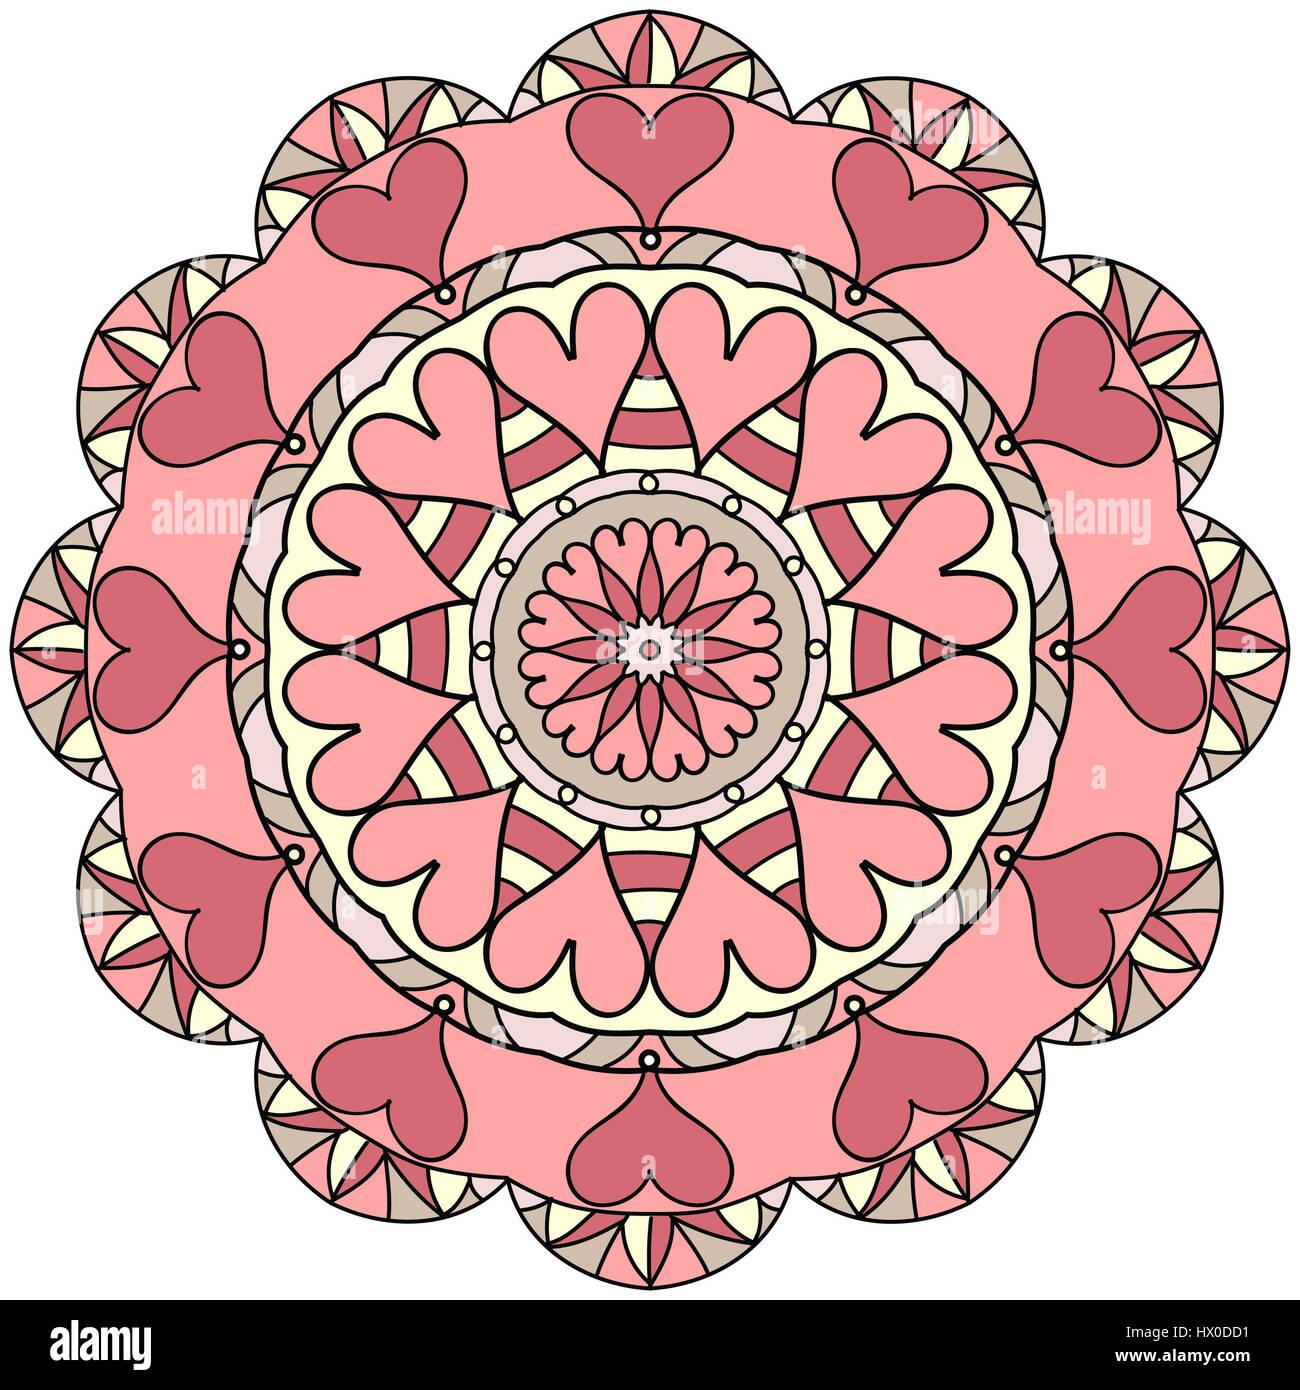 Mandala Ilustración En Tonos De Rosa Dibujo De Líneas De Color Foto